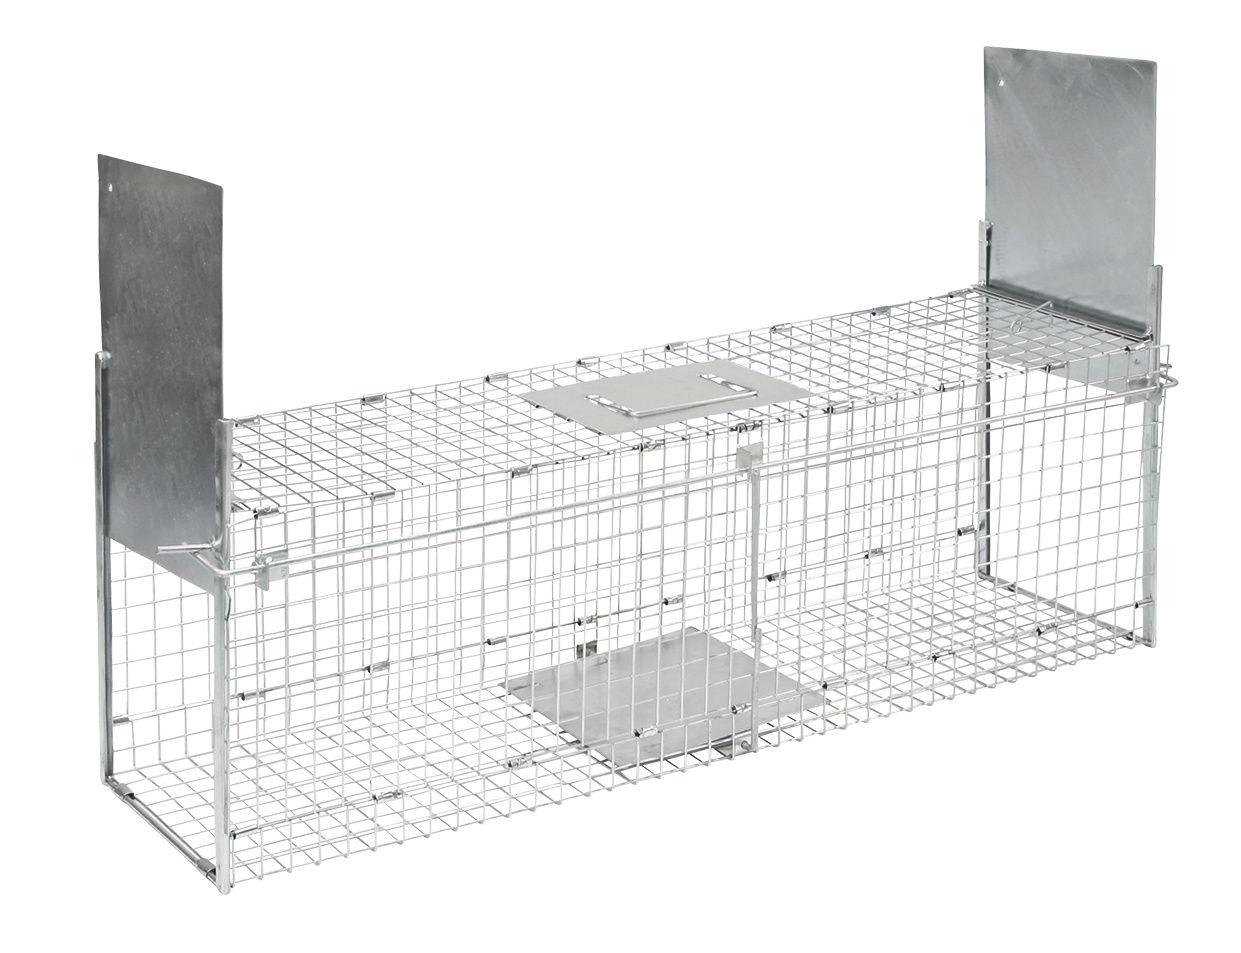 Kastenfalle klappbar mit 2 Eingängen 100x26x32 cm